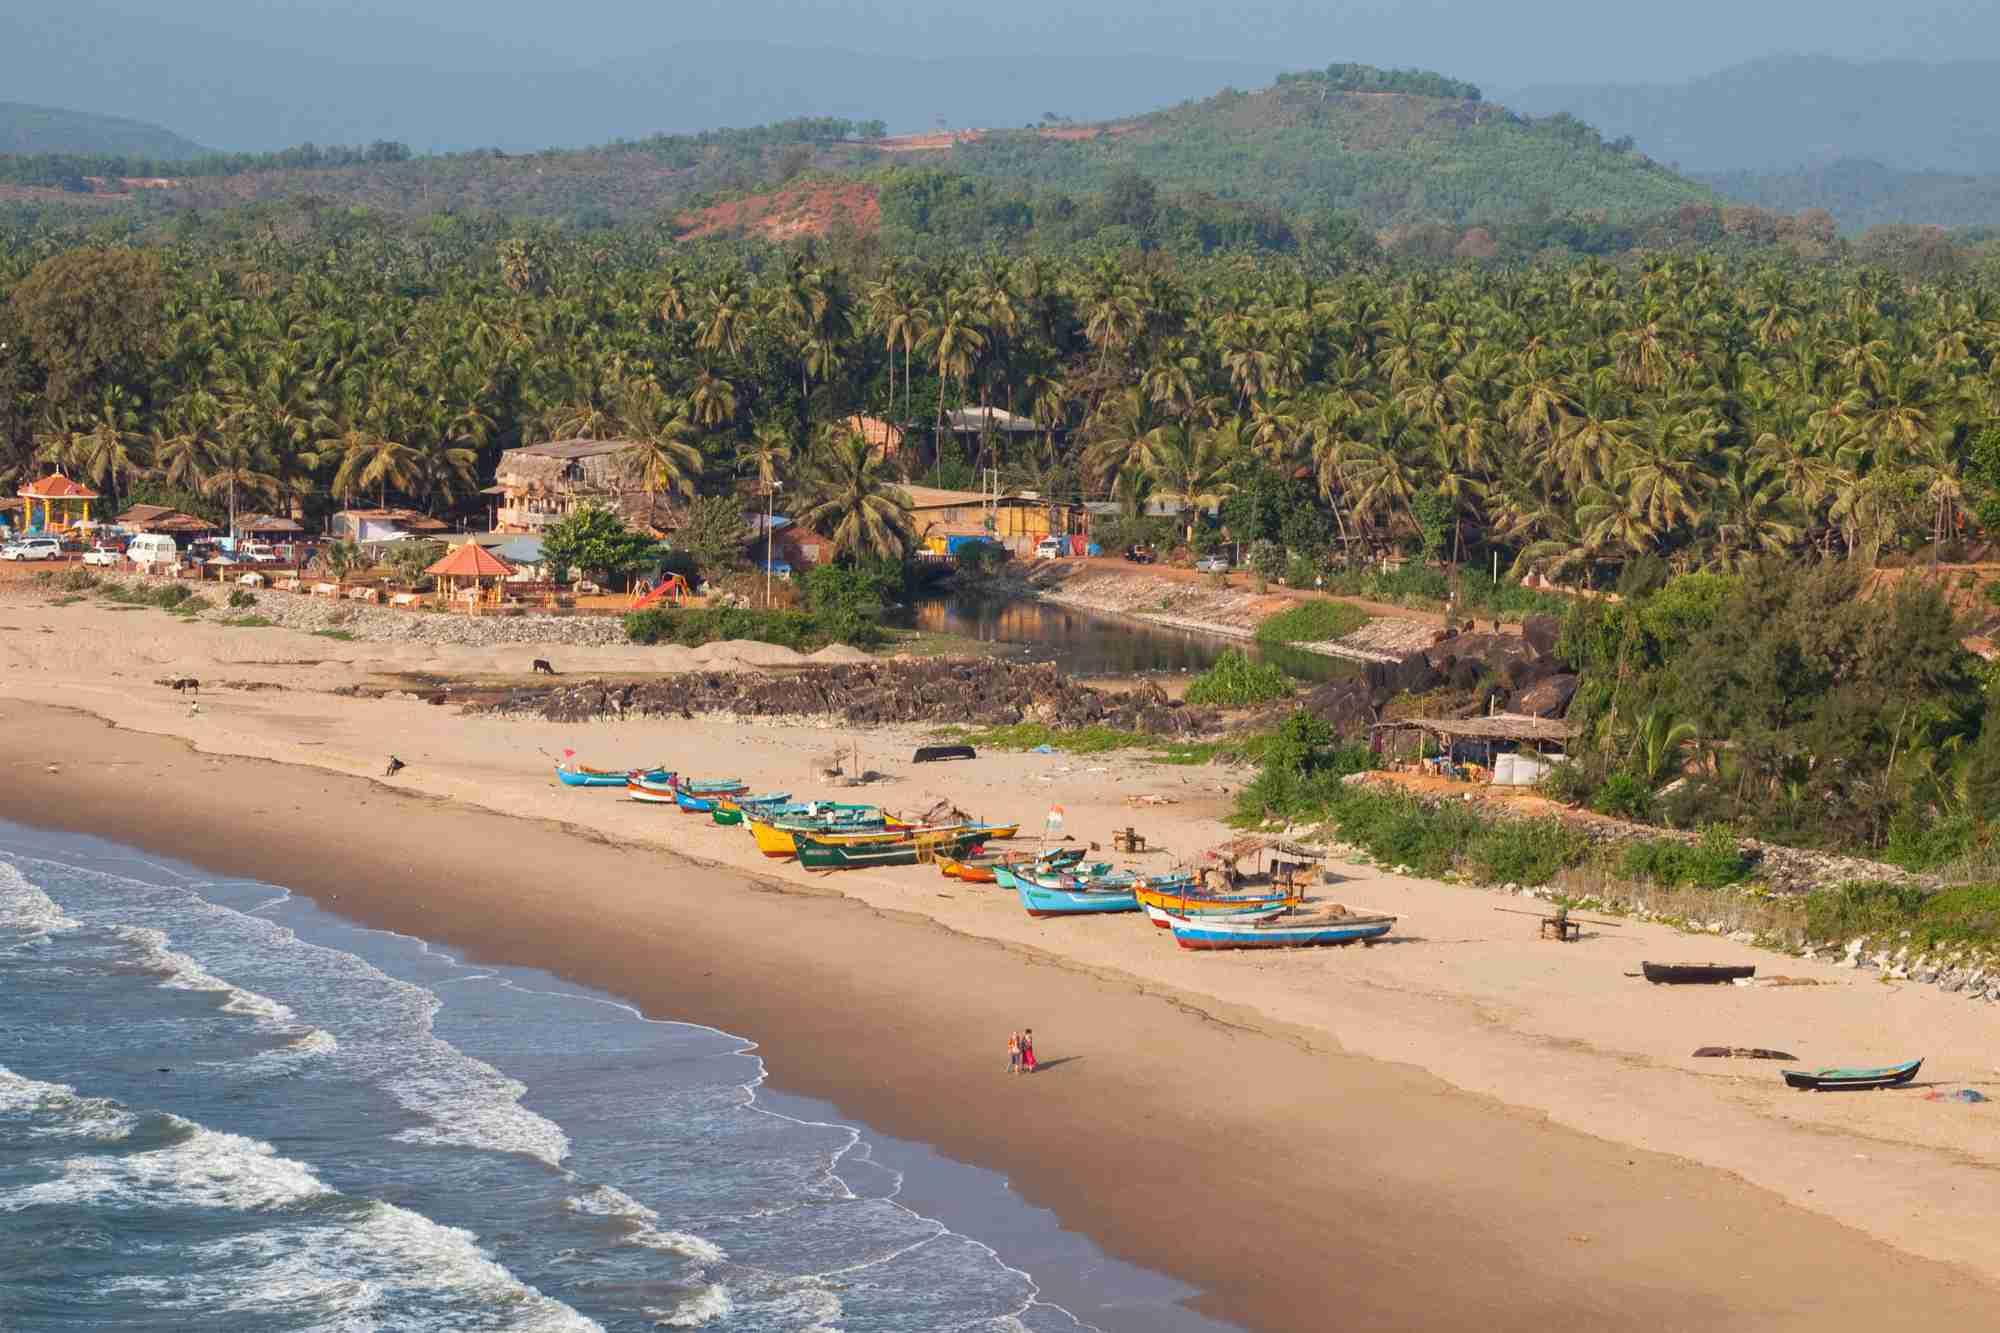 Gokarna beach, Karnataka.